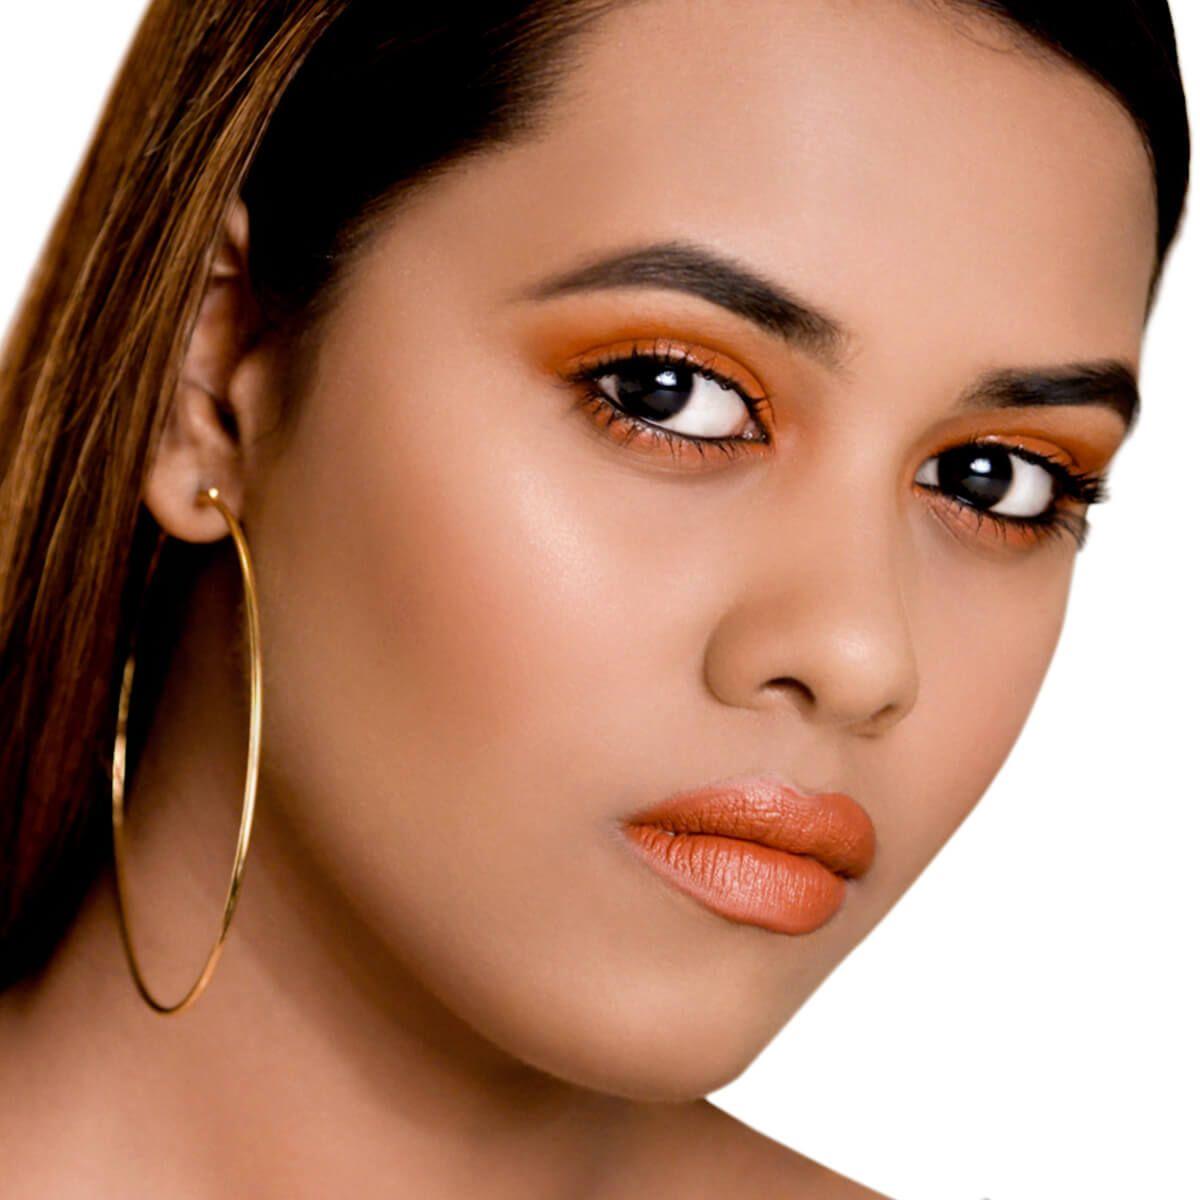 Makeup Look using LIT Matte Lipliner